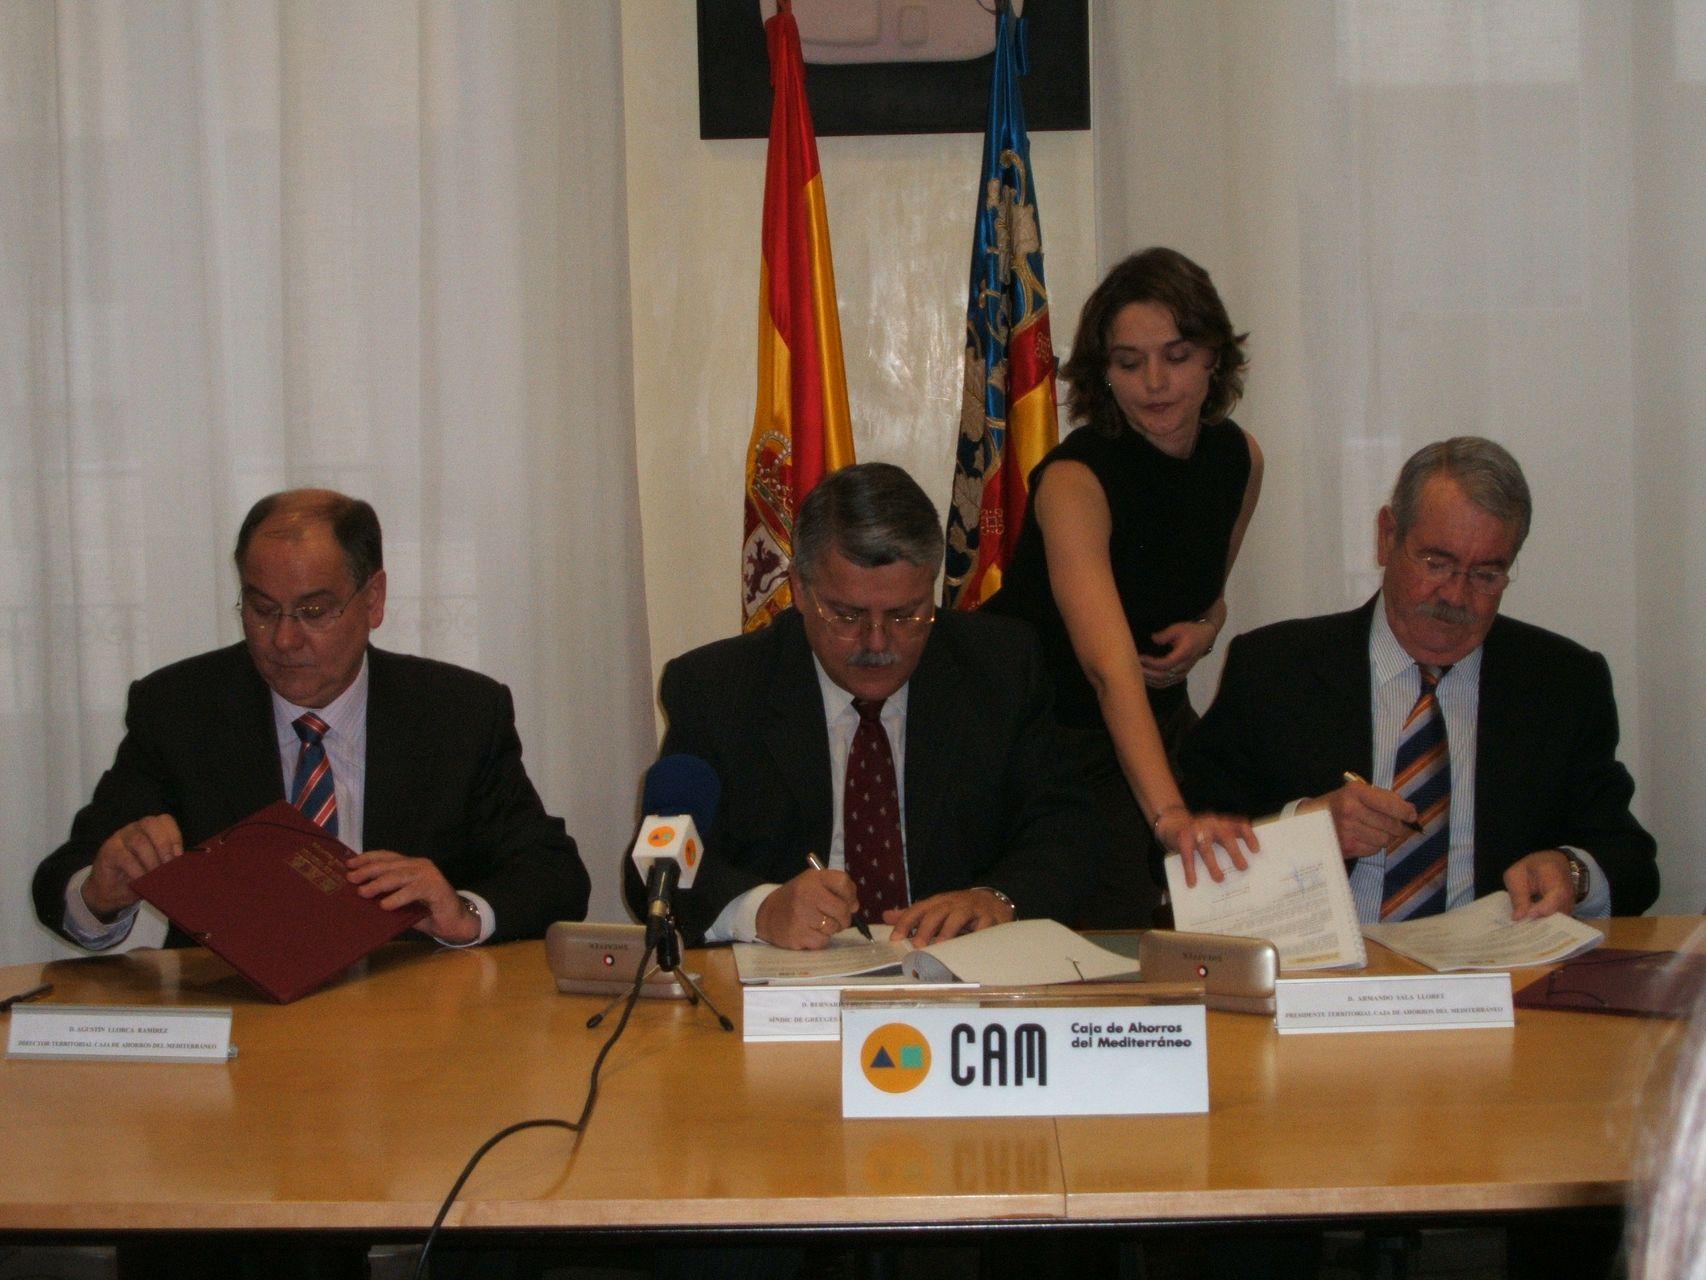 El Síndic de Greuges firma un plan de pensiones con la Caja de Ahorros del Mediterráneo